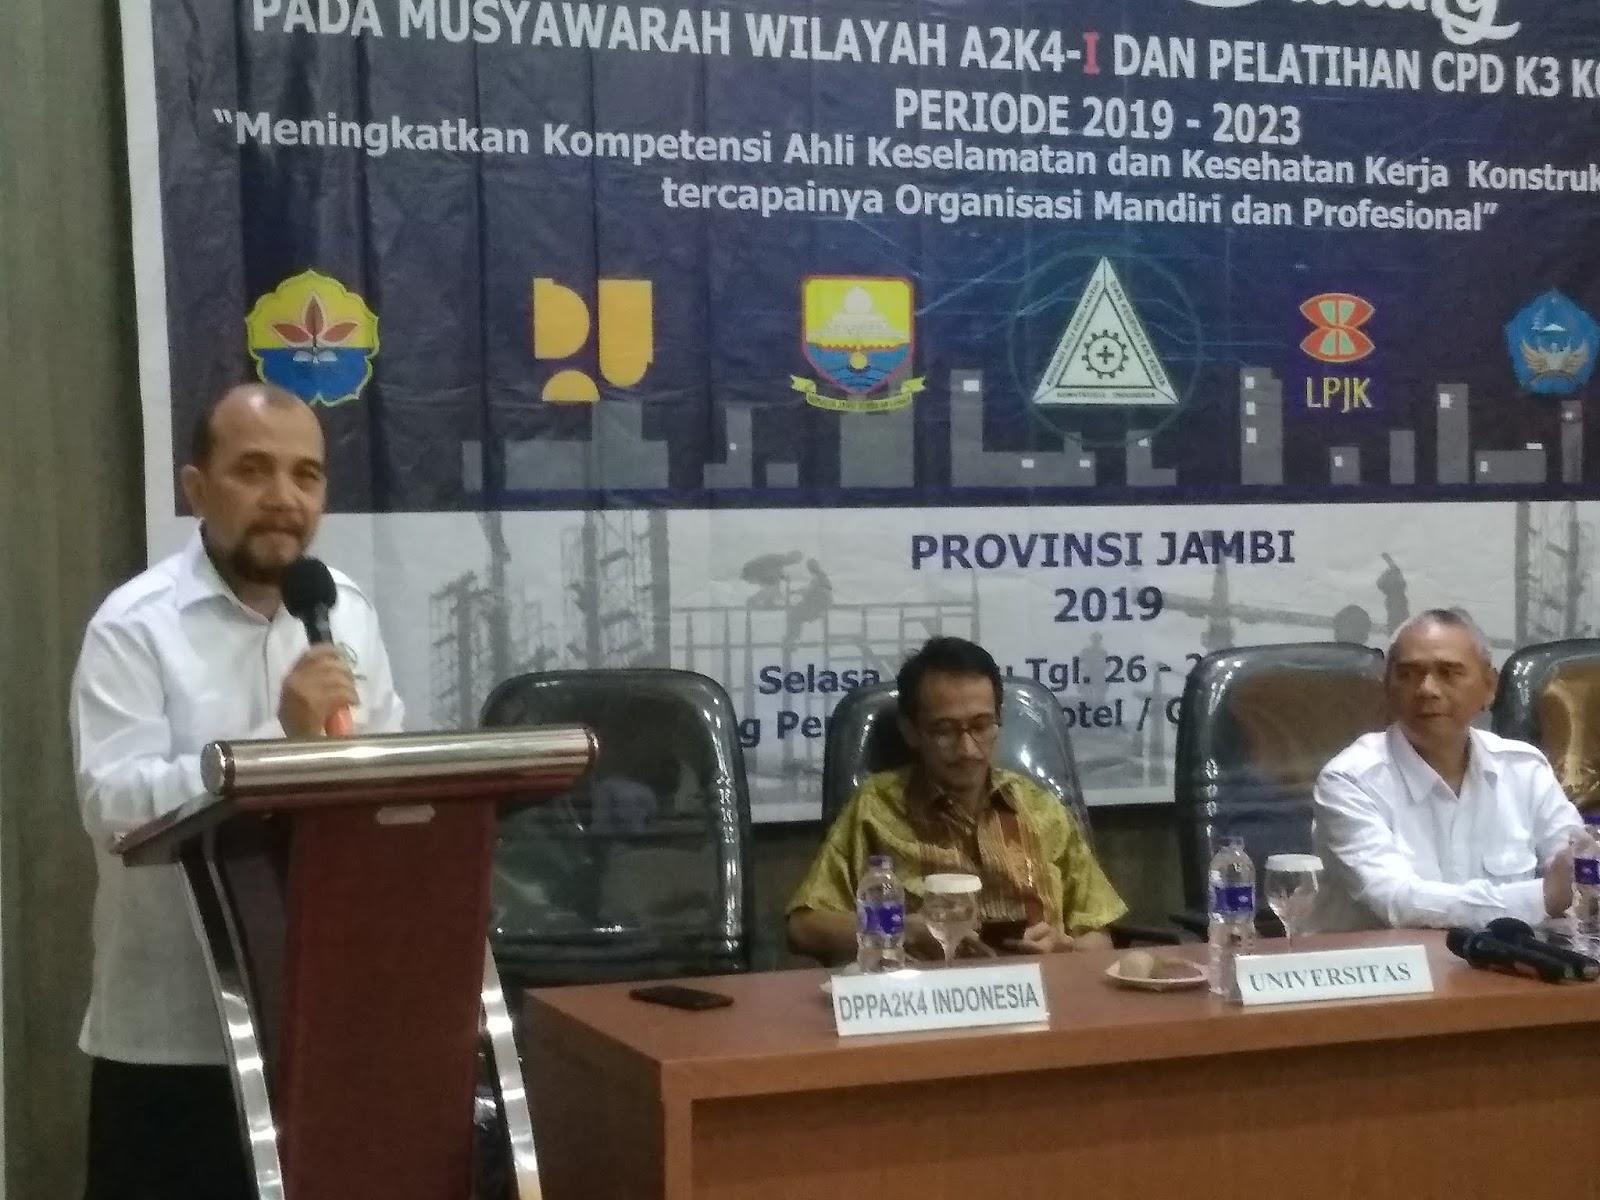 Ketua Umum DPP A2K4-I Secara Resmi Membuka Muswil I Dan Pelatihan CPD K3 Konstruksi.